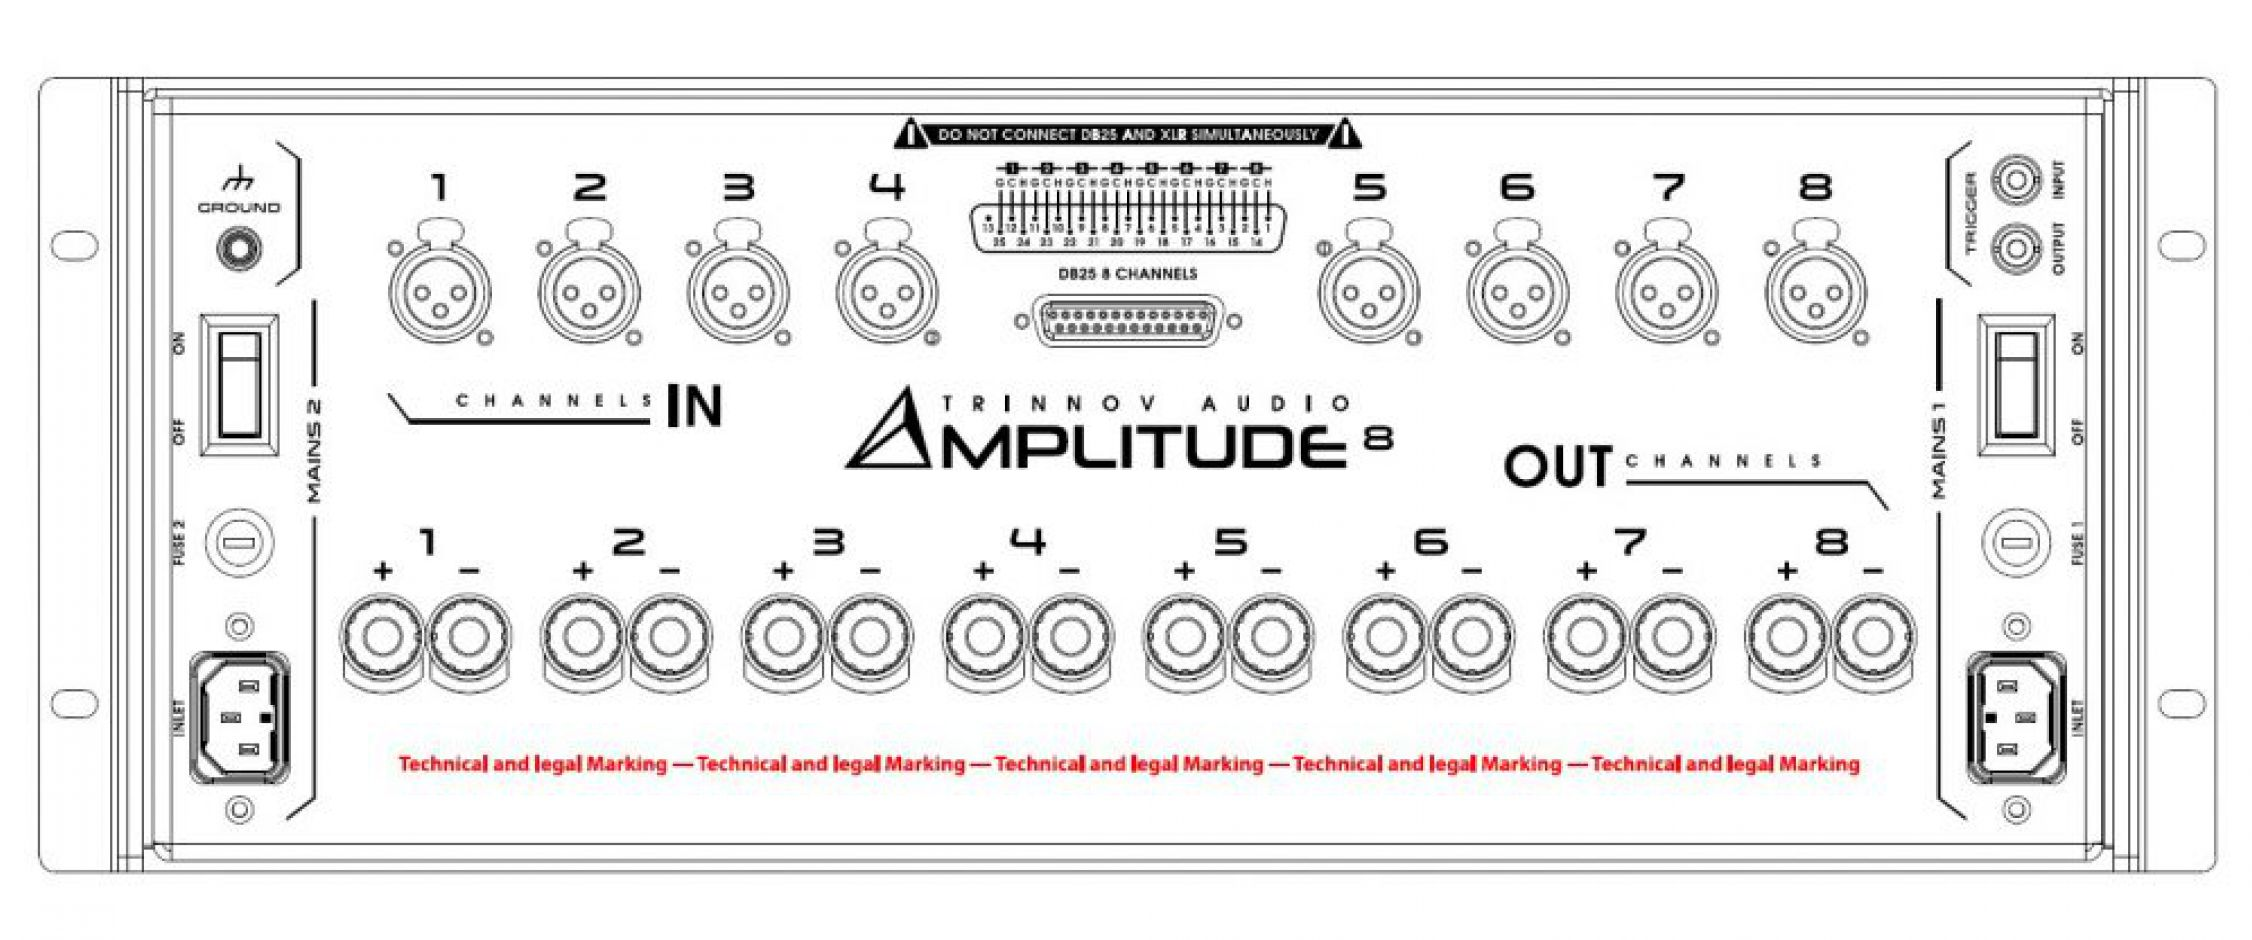 amplitude 8